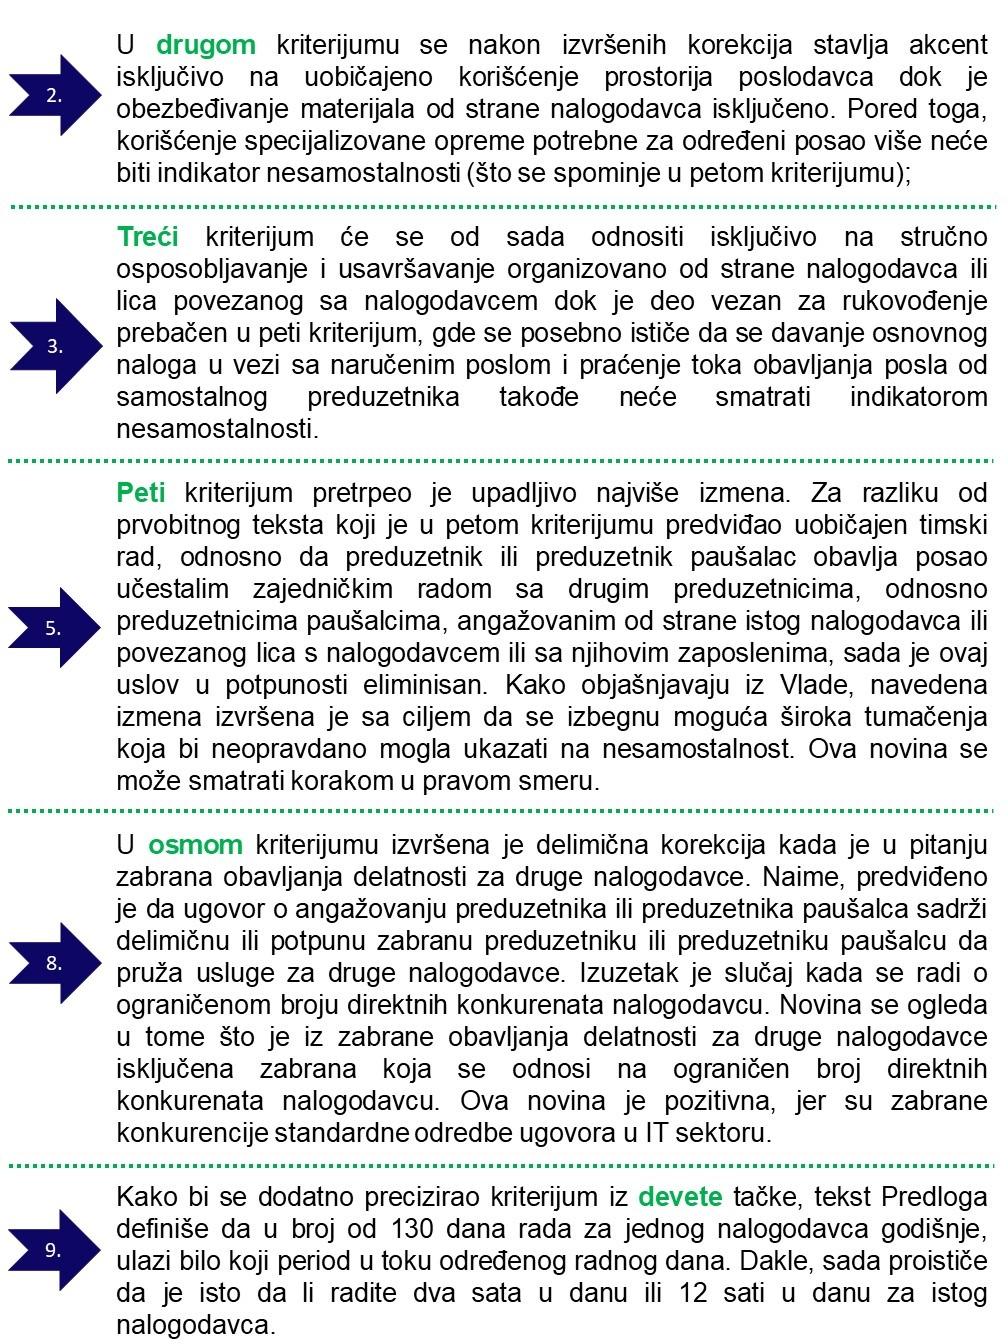 izmene kriterijuma za test samostalnosti, gde su izmene unete u drugu, treću, petu, osmu i devetu tačku